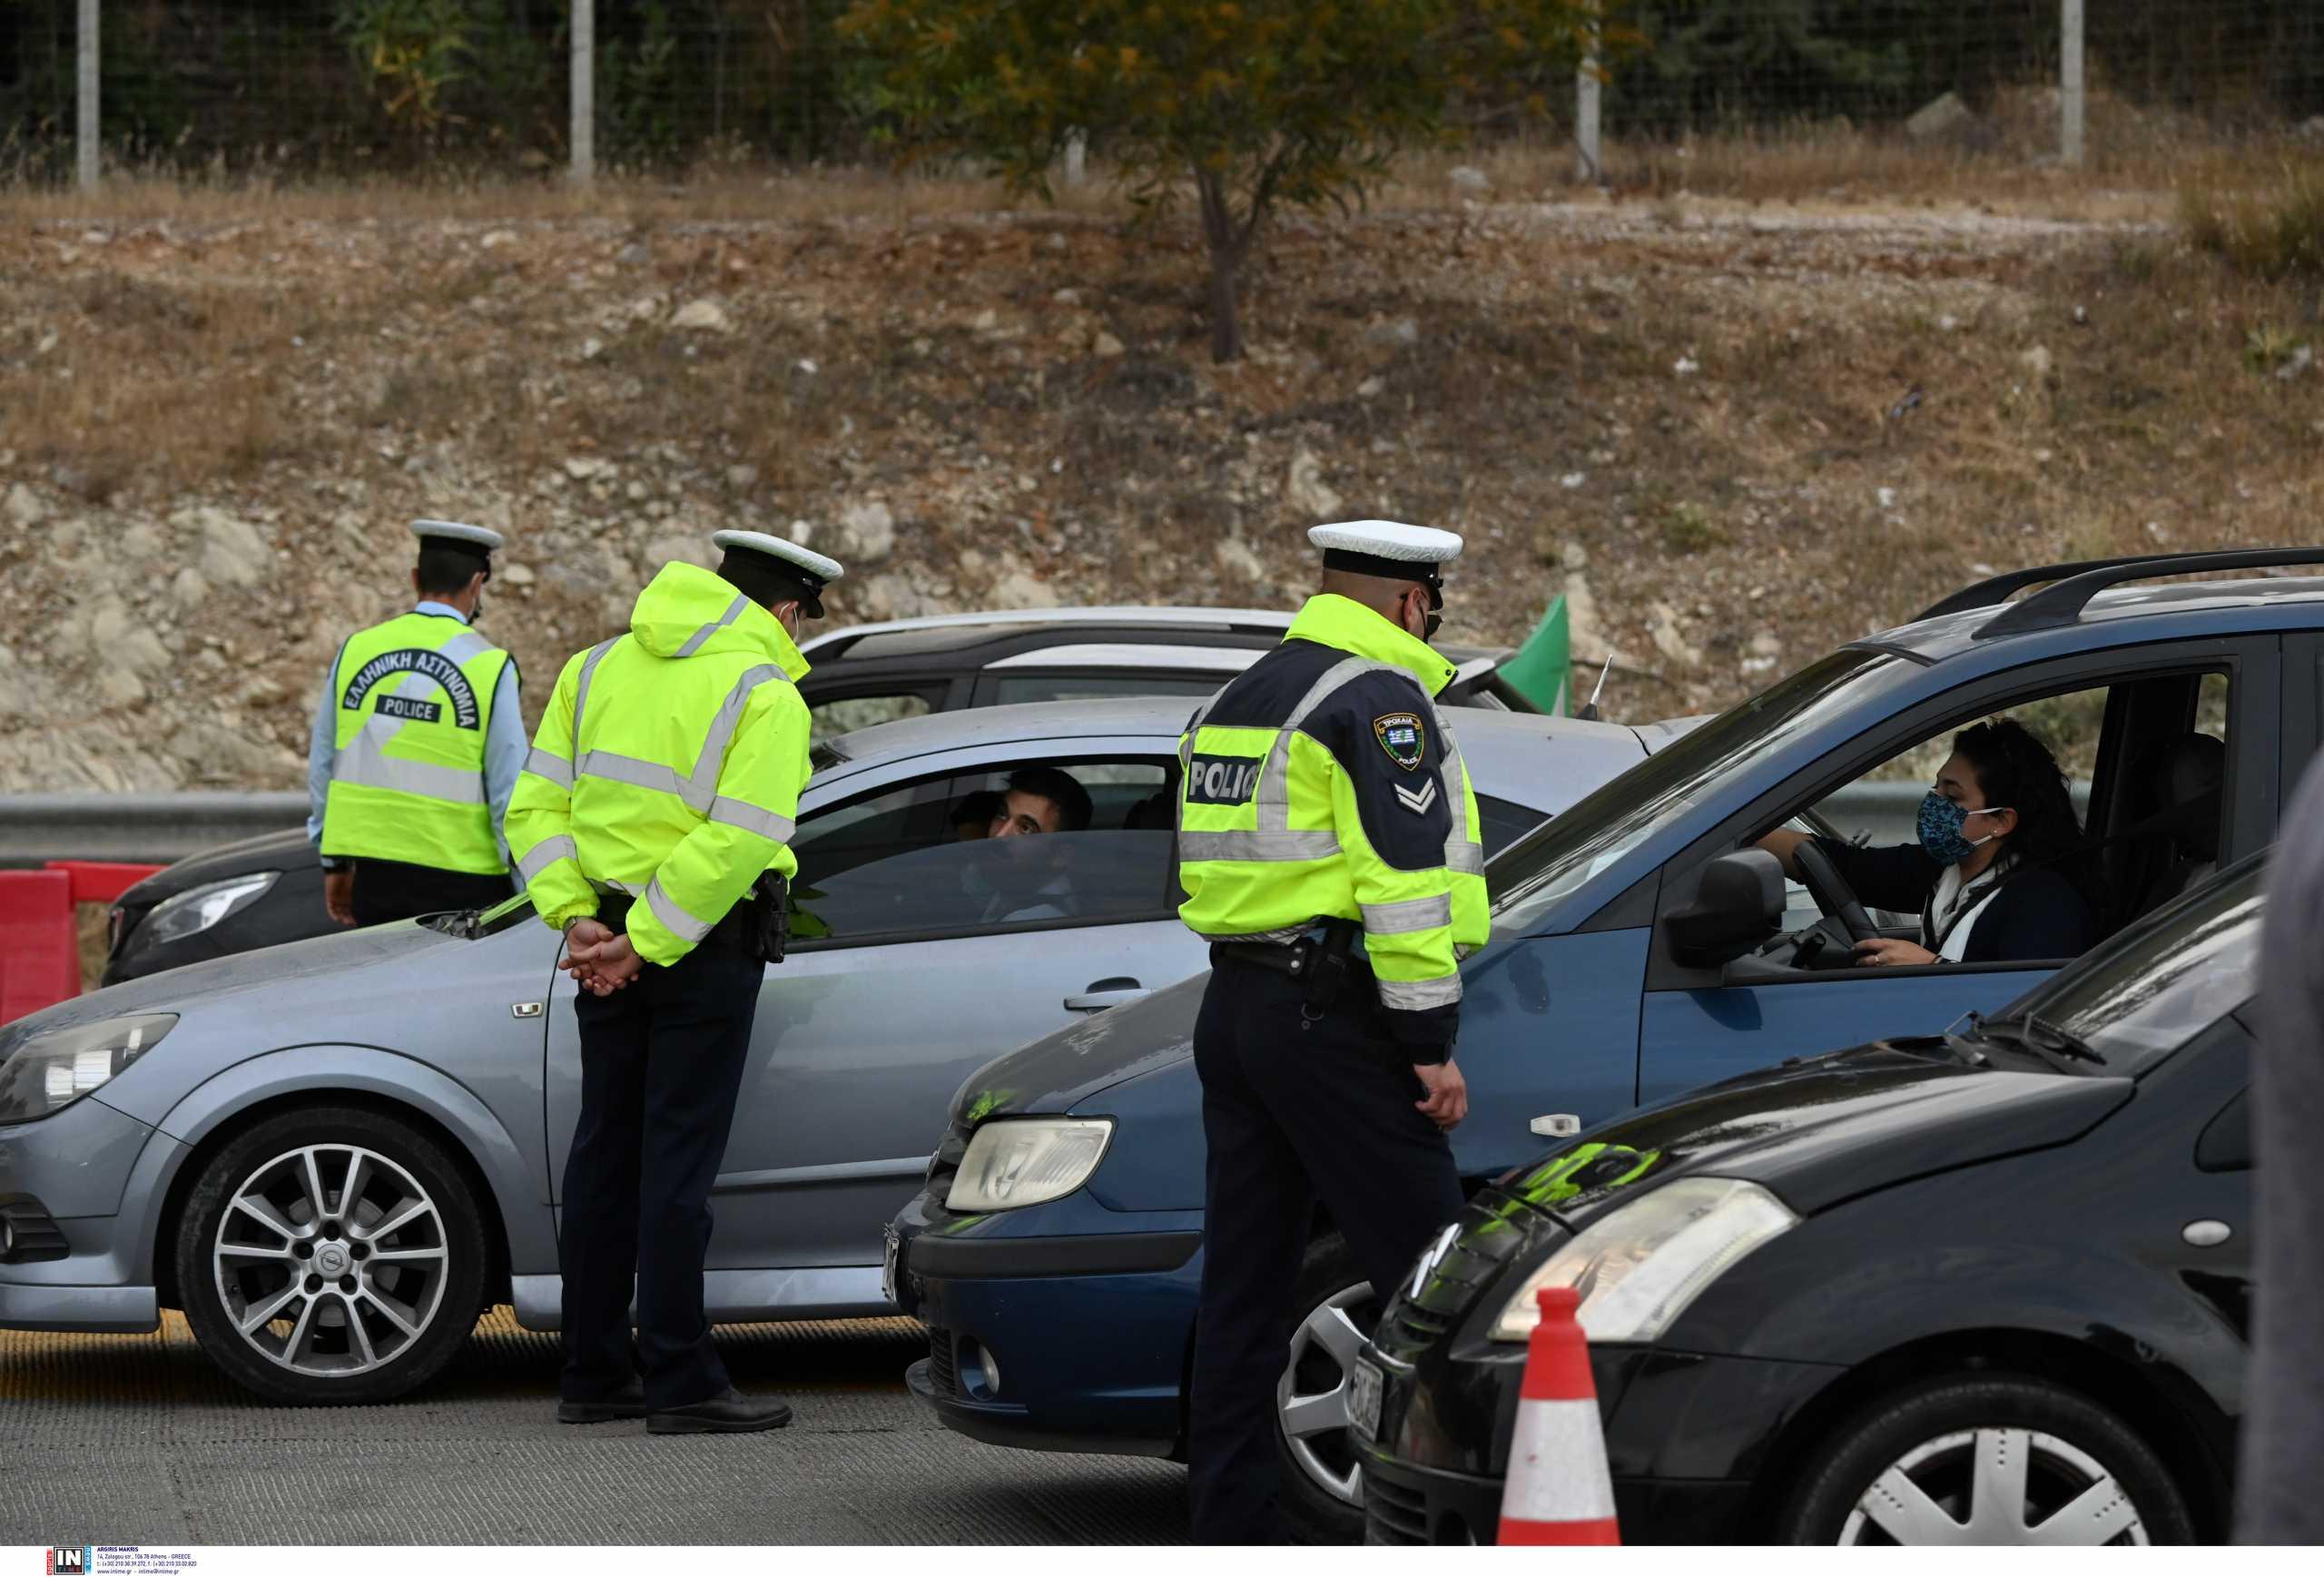 Πάσχα: 10.000 αστυνομικοί στους δρόμους και μπλόκα παντού – Οι απίστευτες δικαιολογίες στα διόδια